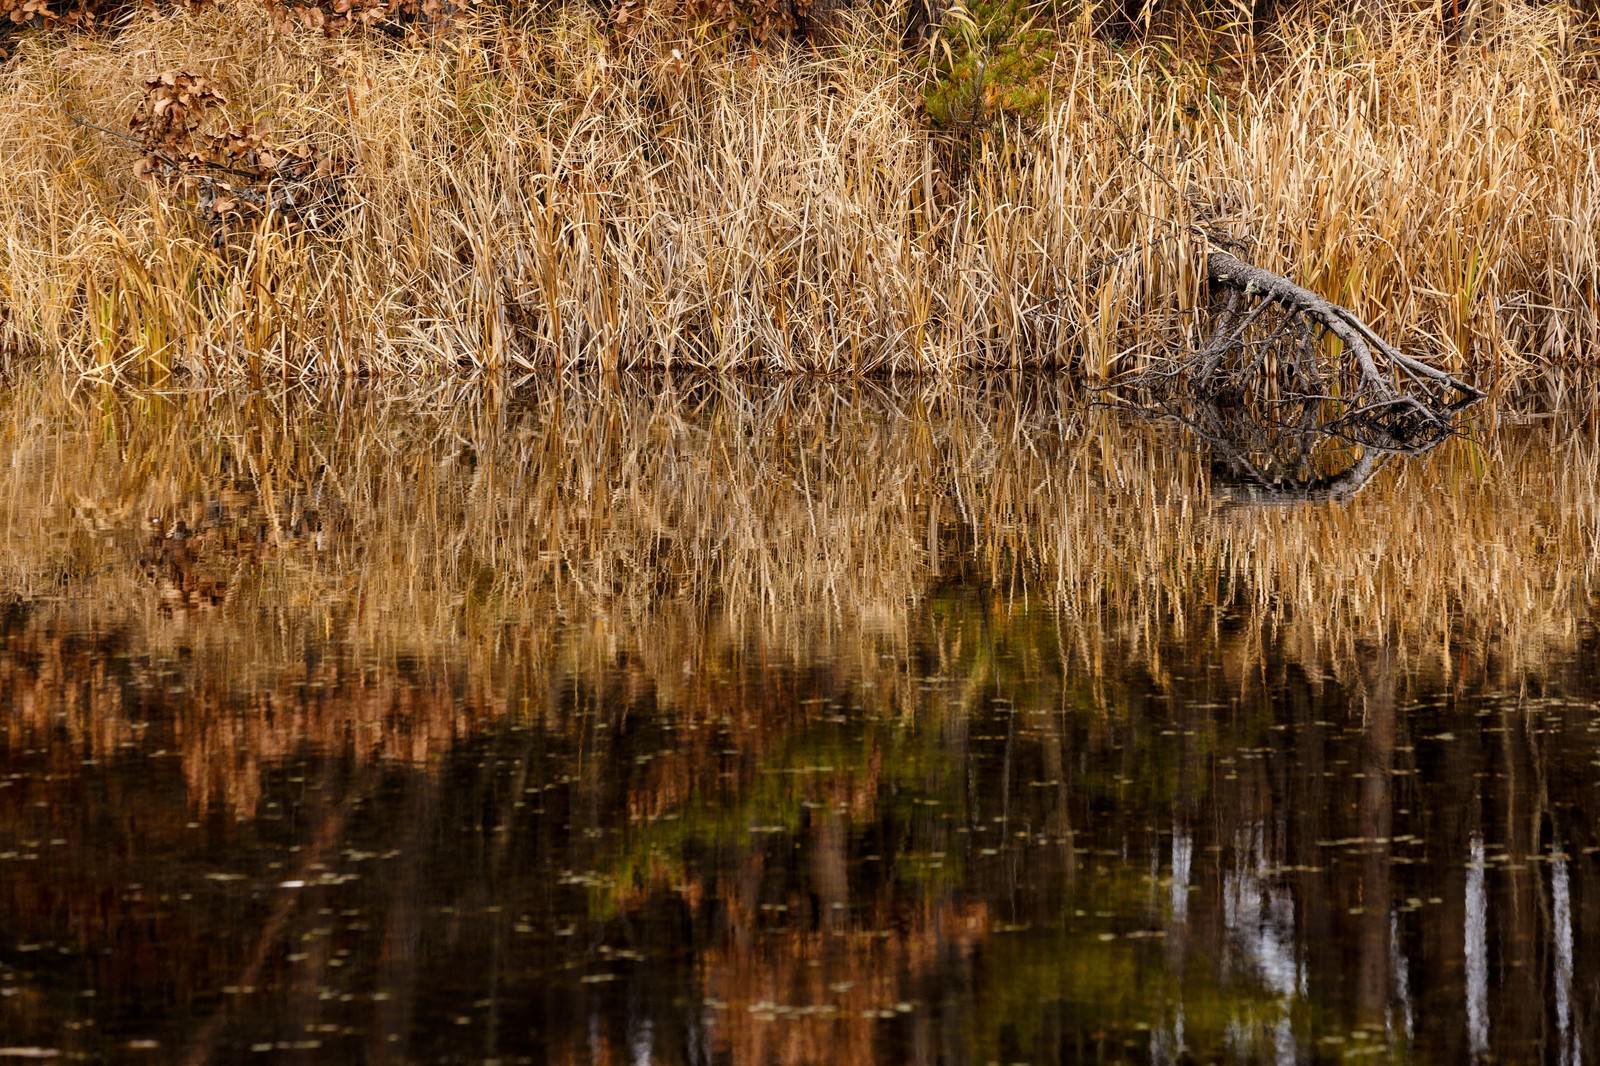 「枯れた草木と沼 | 写真の無料素材・フリー素材 - ぱくたそ」の写真